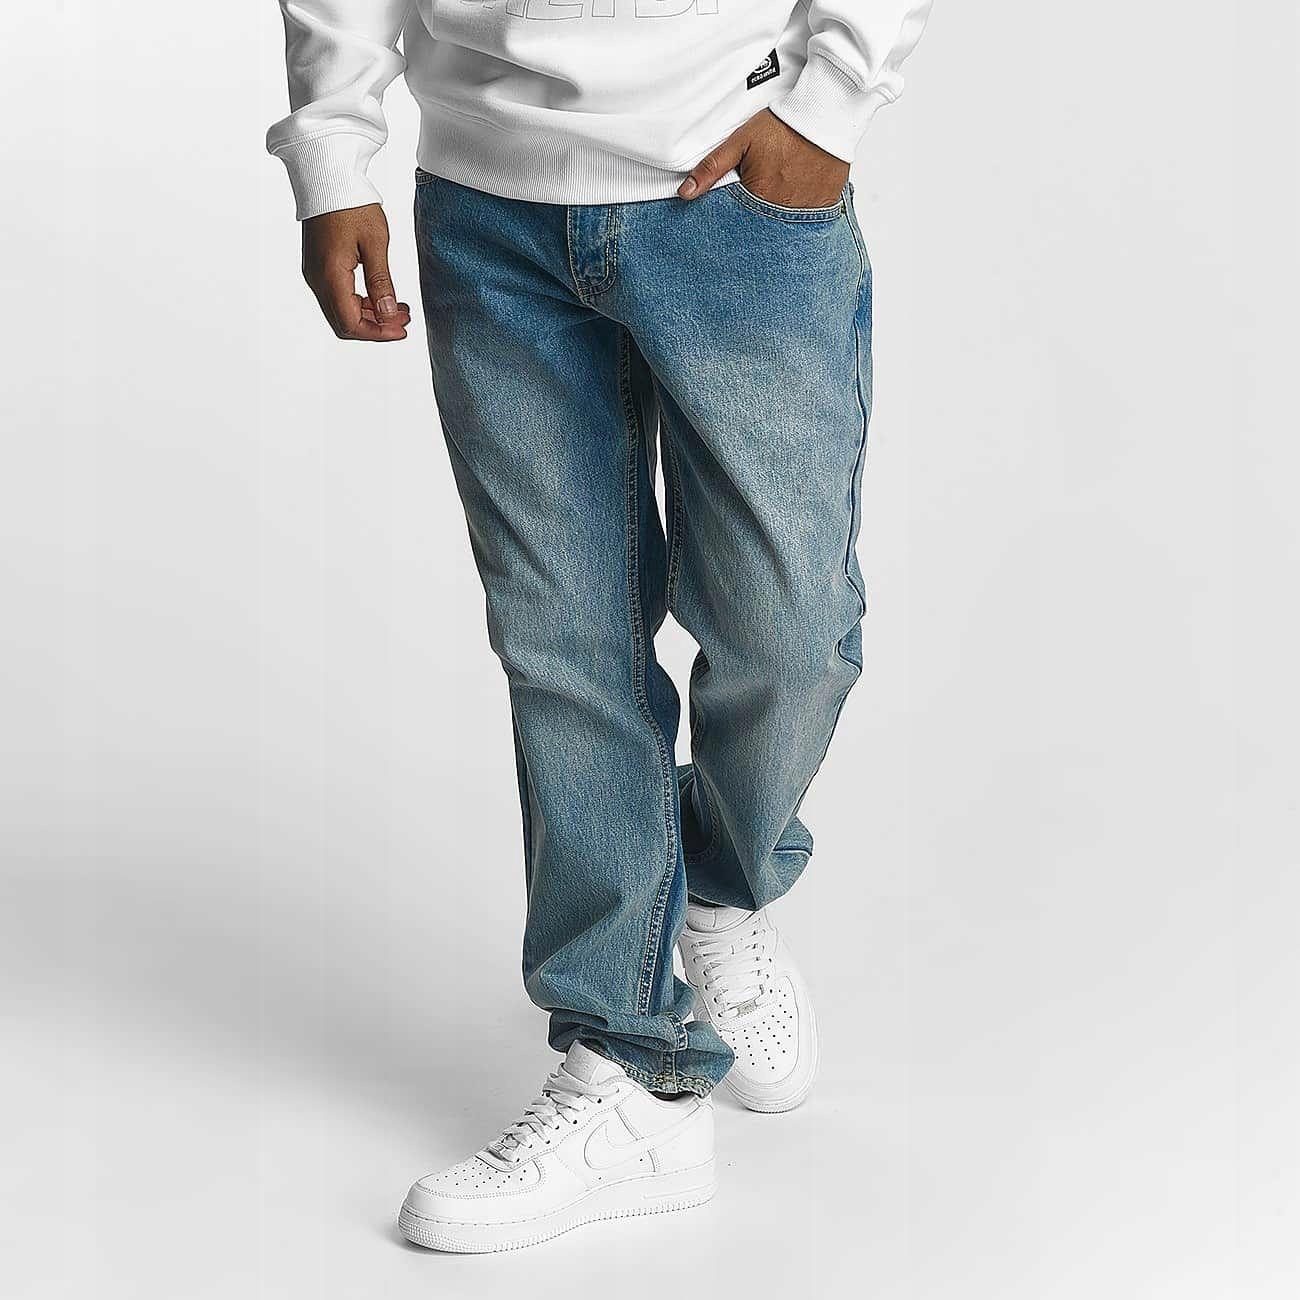 Spodnie Ecko St Fit Jeans Gordon W 32 L 34